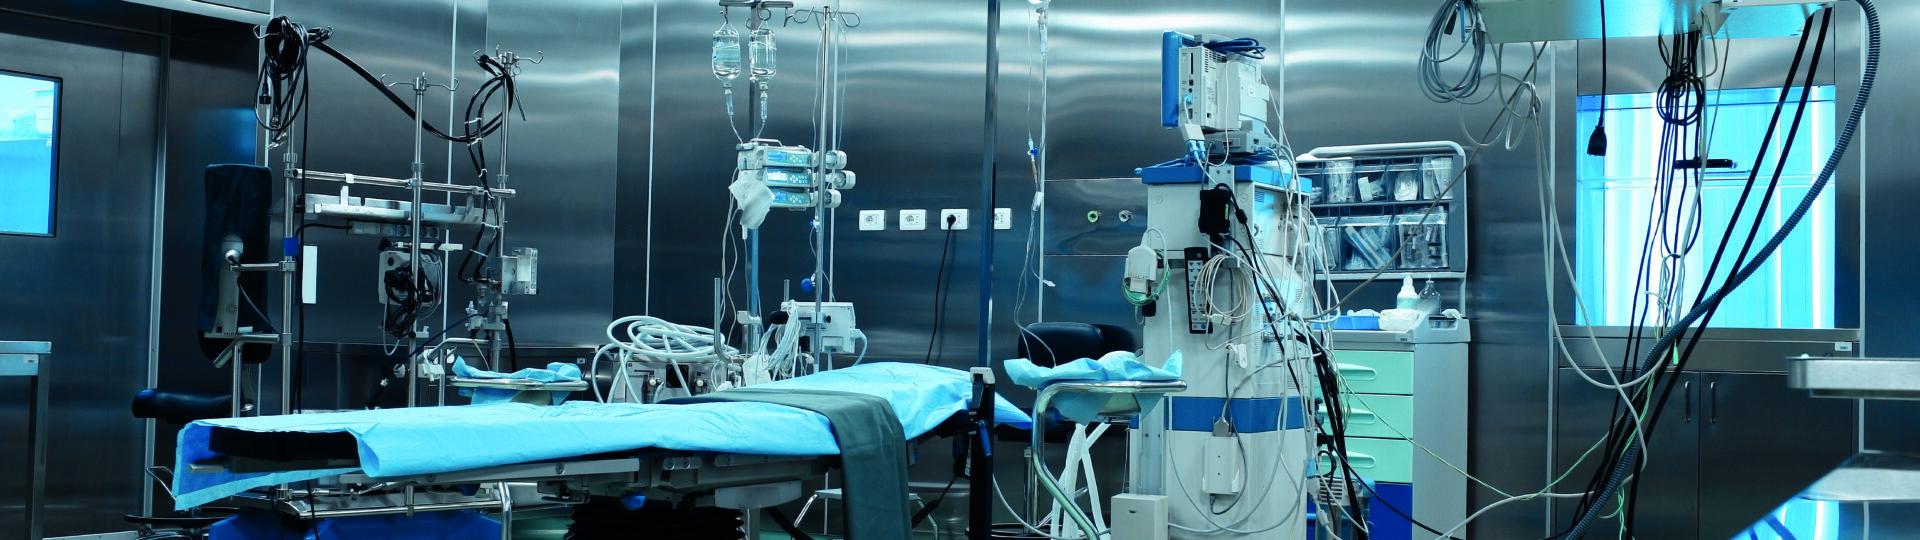 Beleef gastvrijheid en ervaar kostenbeheersing in een hygiënische en patiëntveilige omgeving.